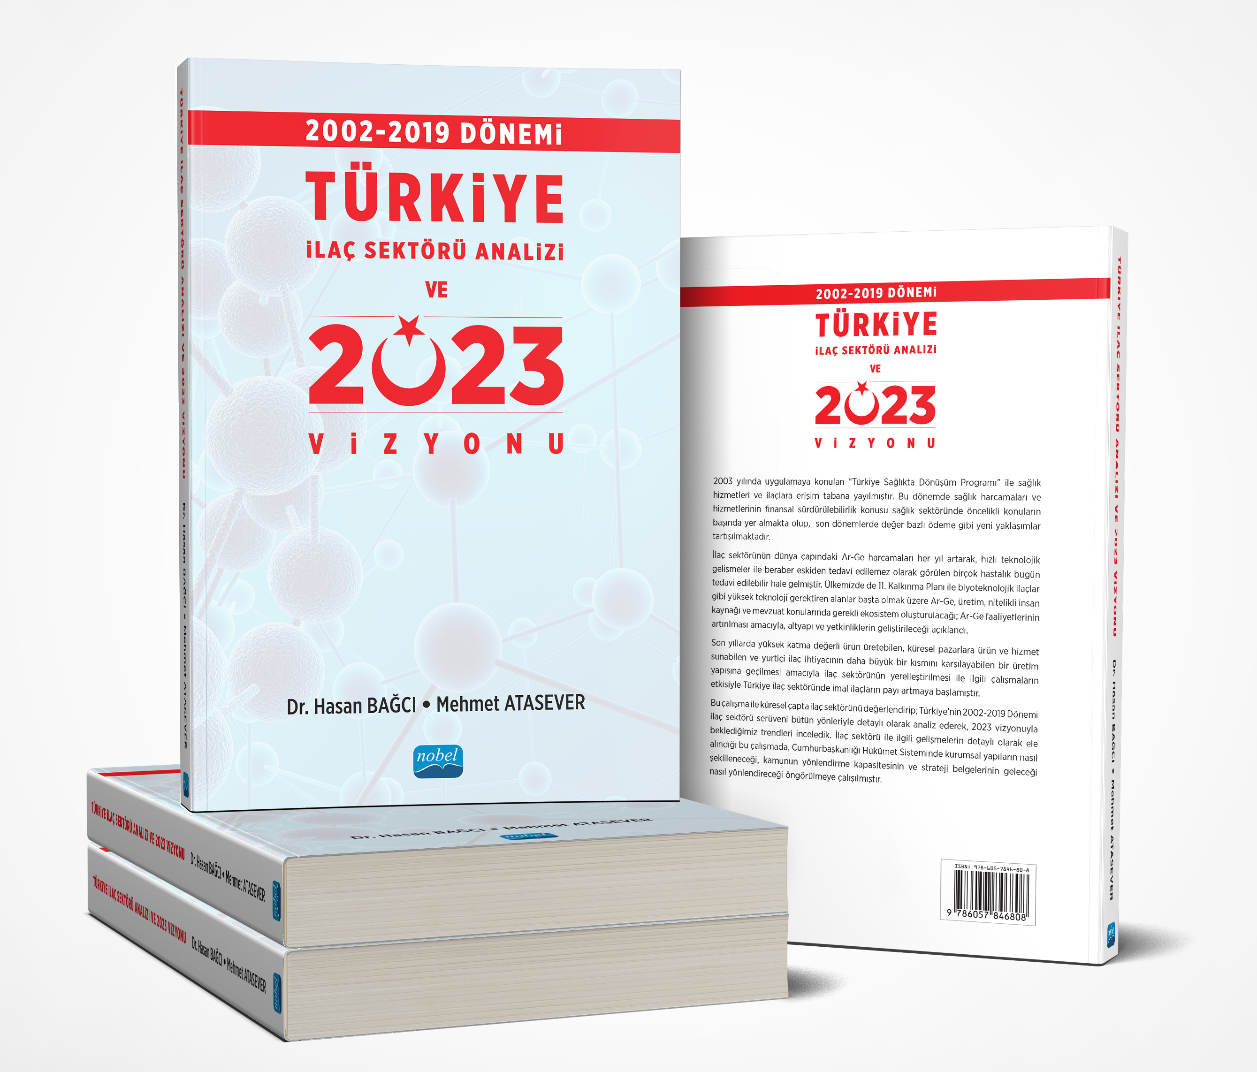 turkiye-2023-001.png